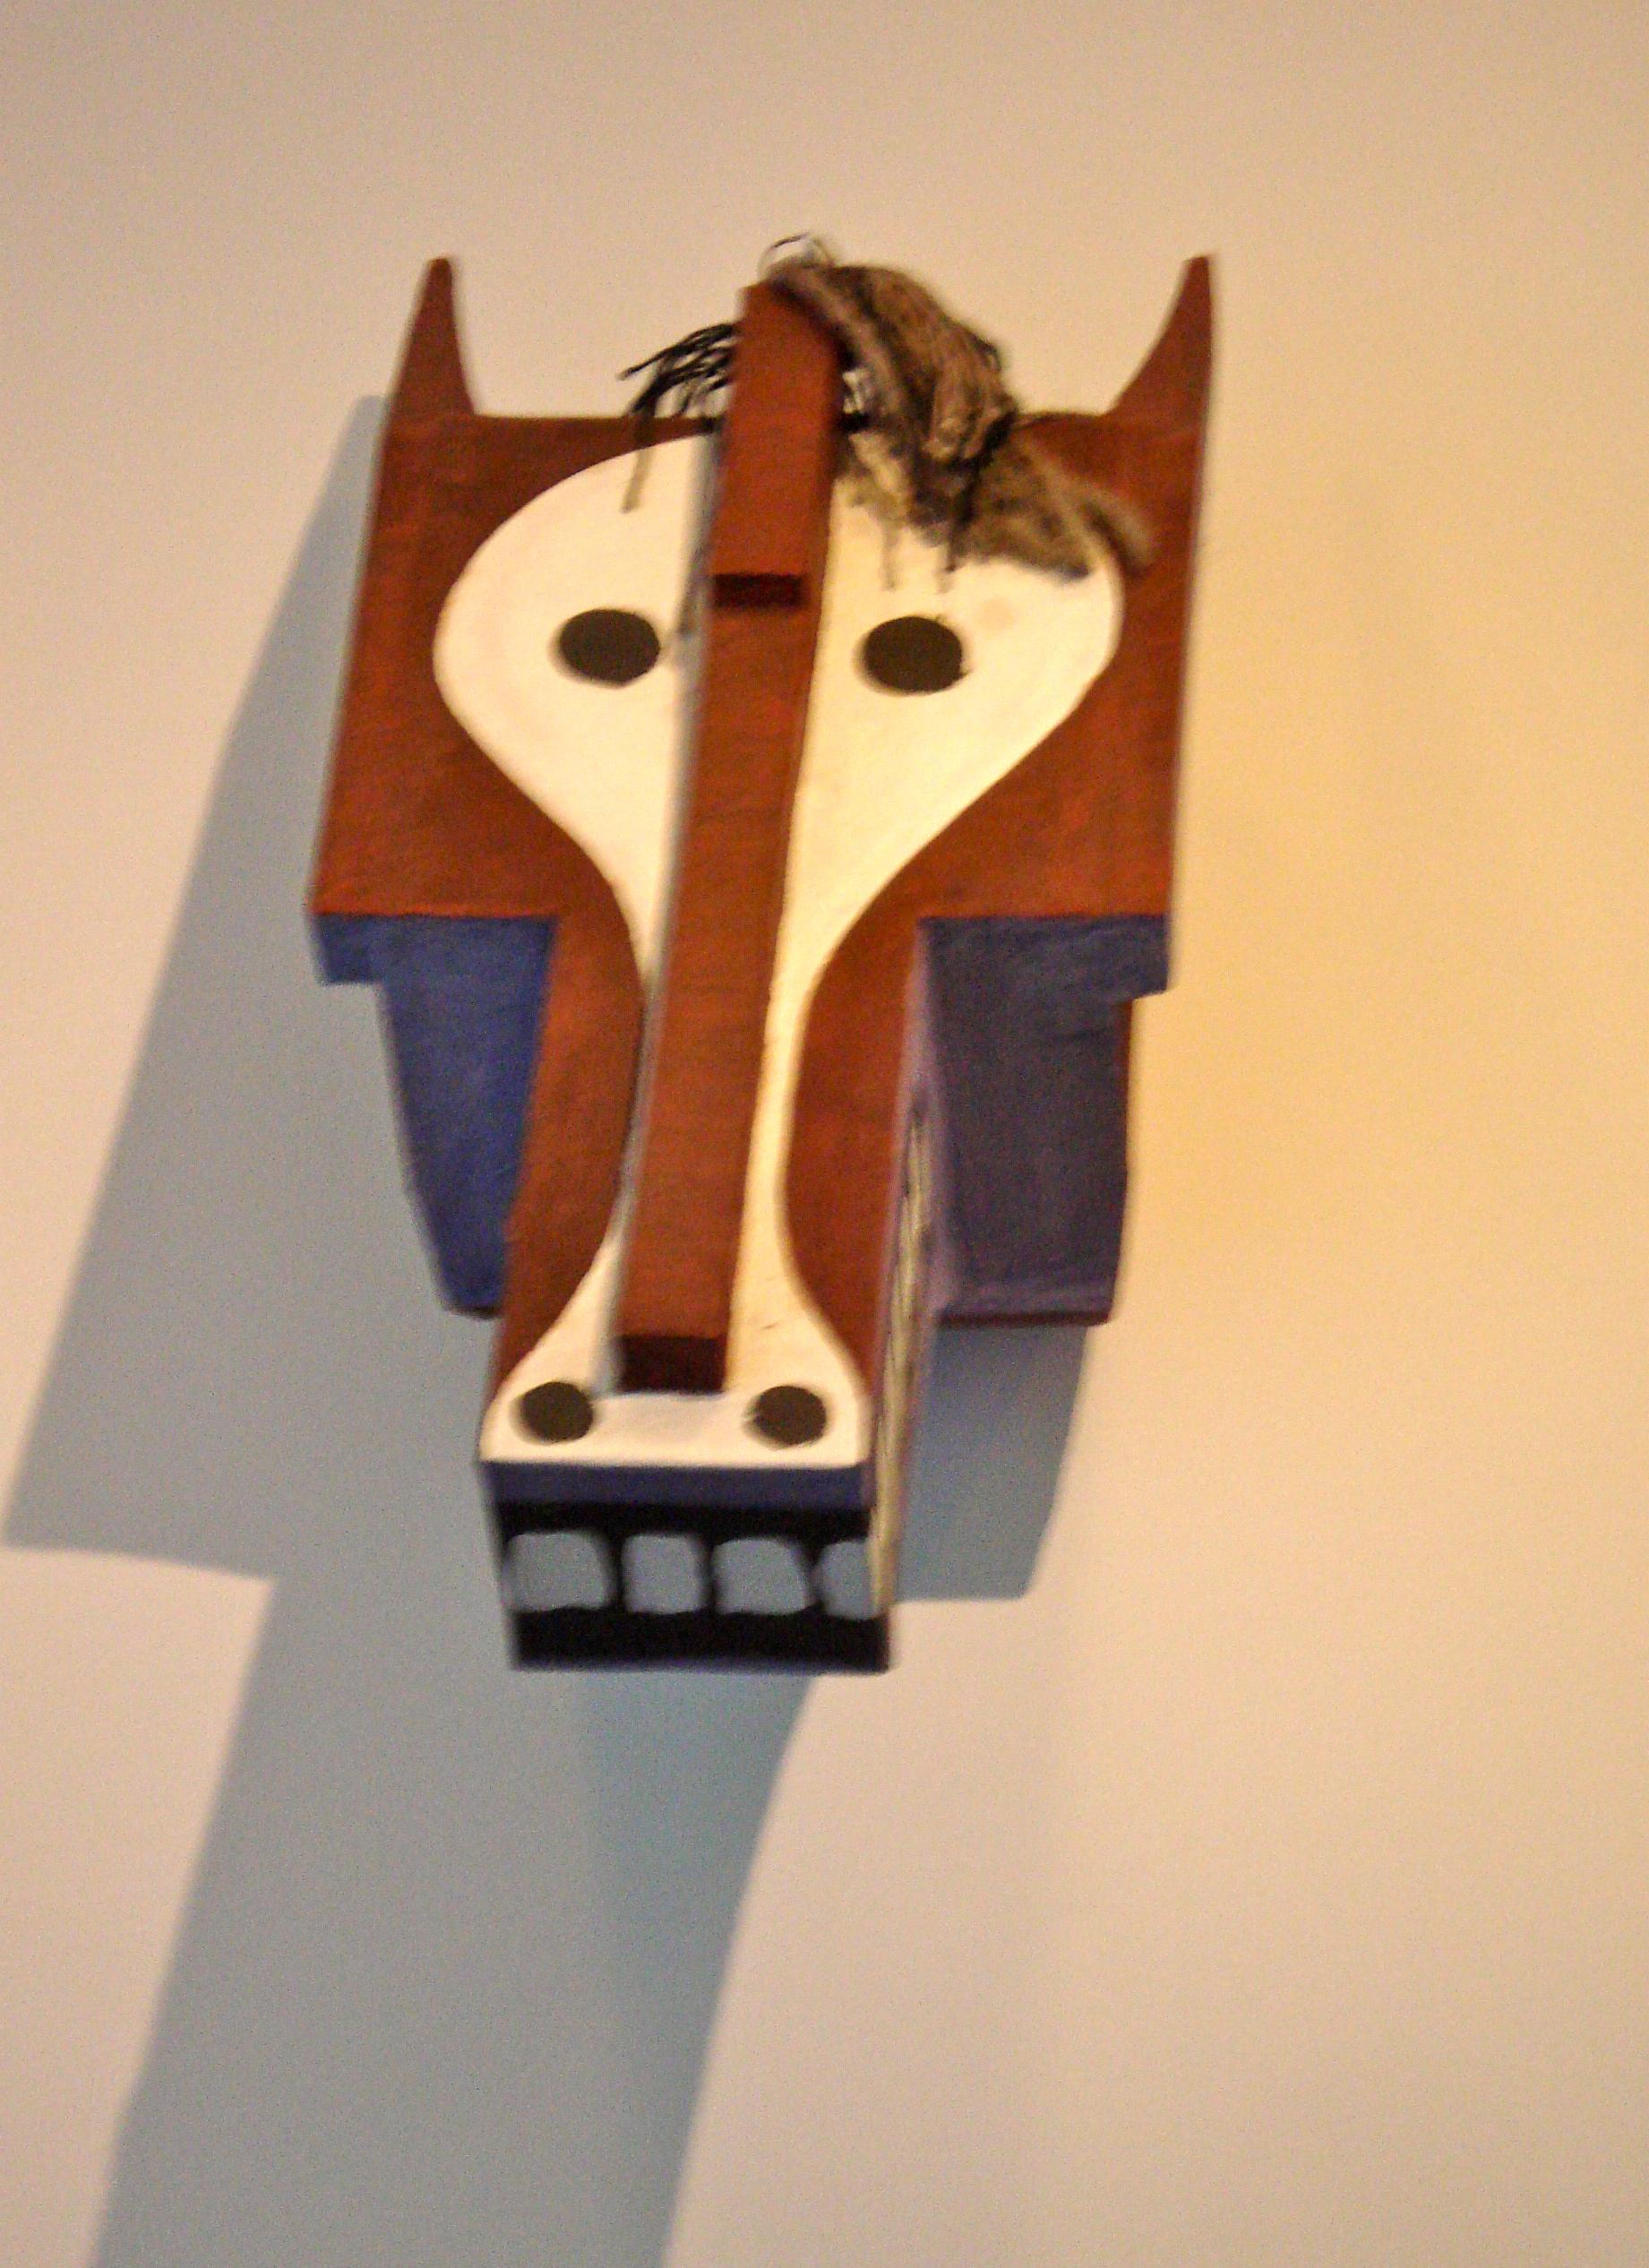 If Picasso designed Equus.